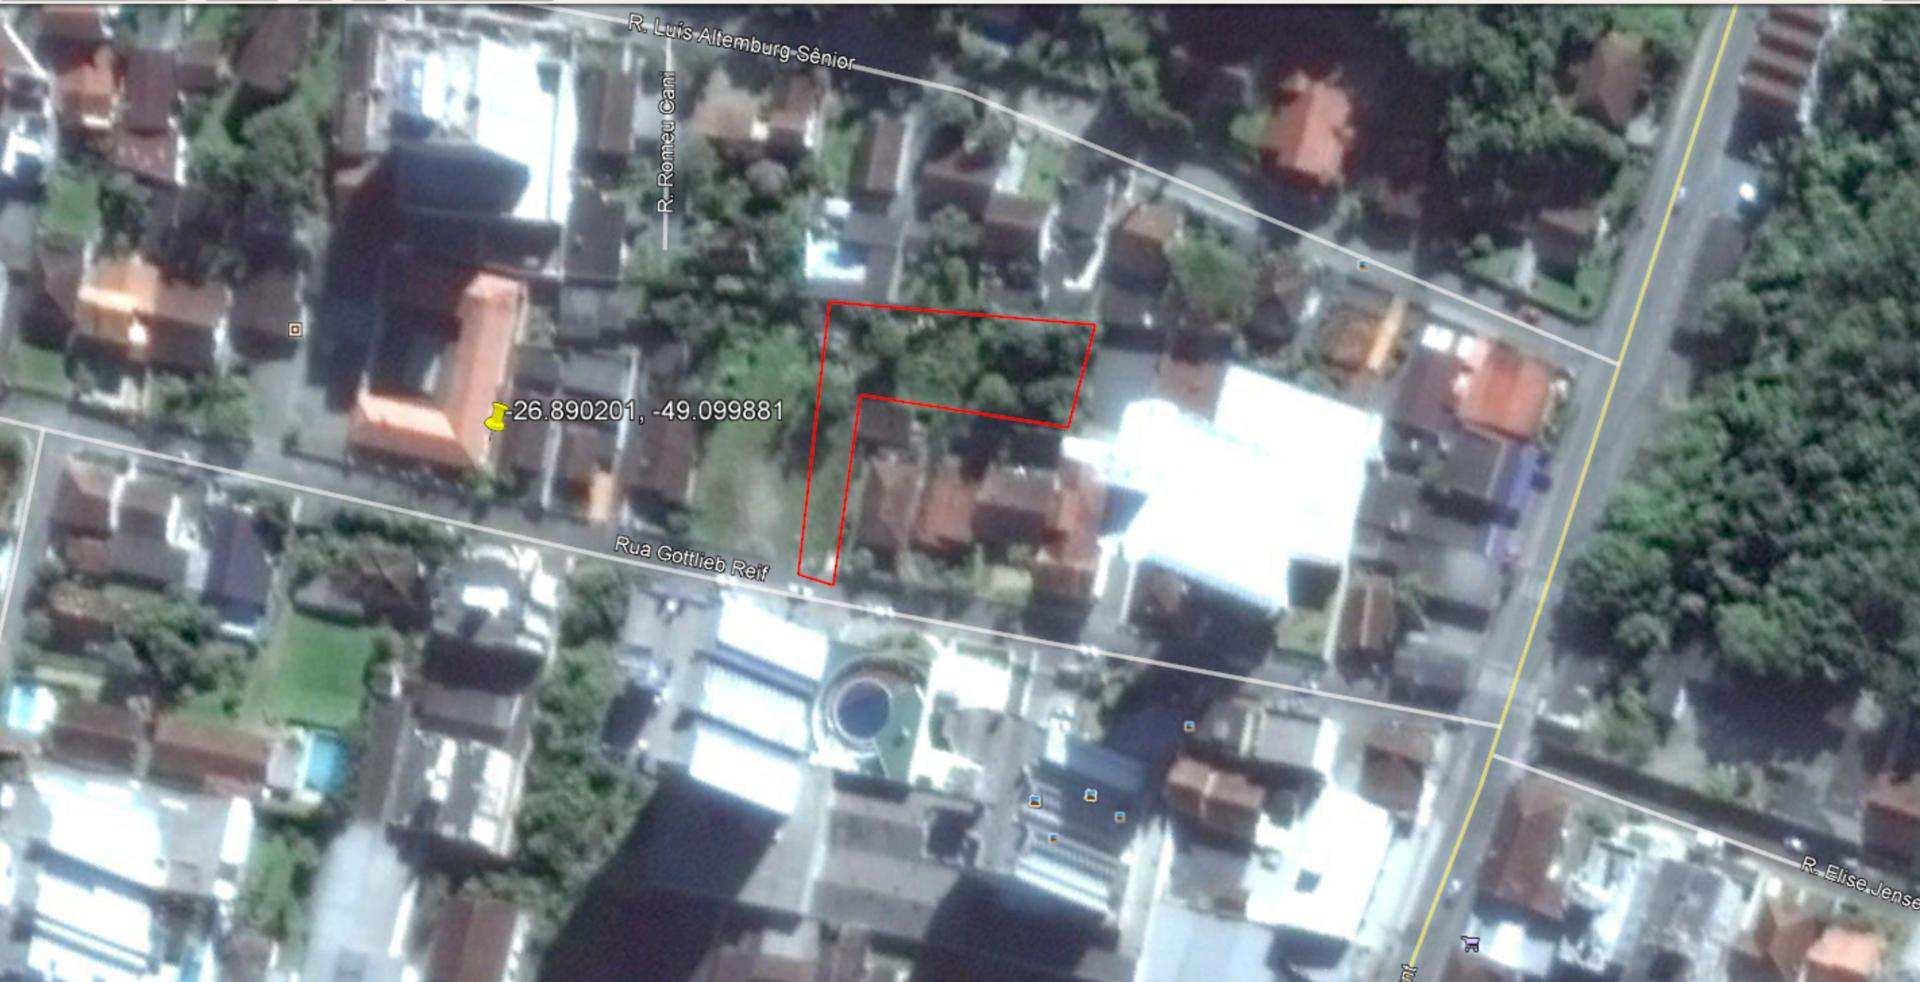 Terreno Rua Gotlieb Reif, 120